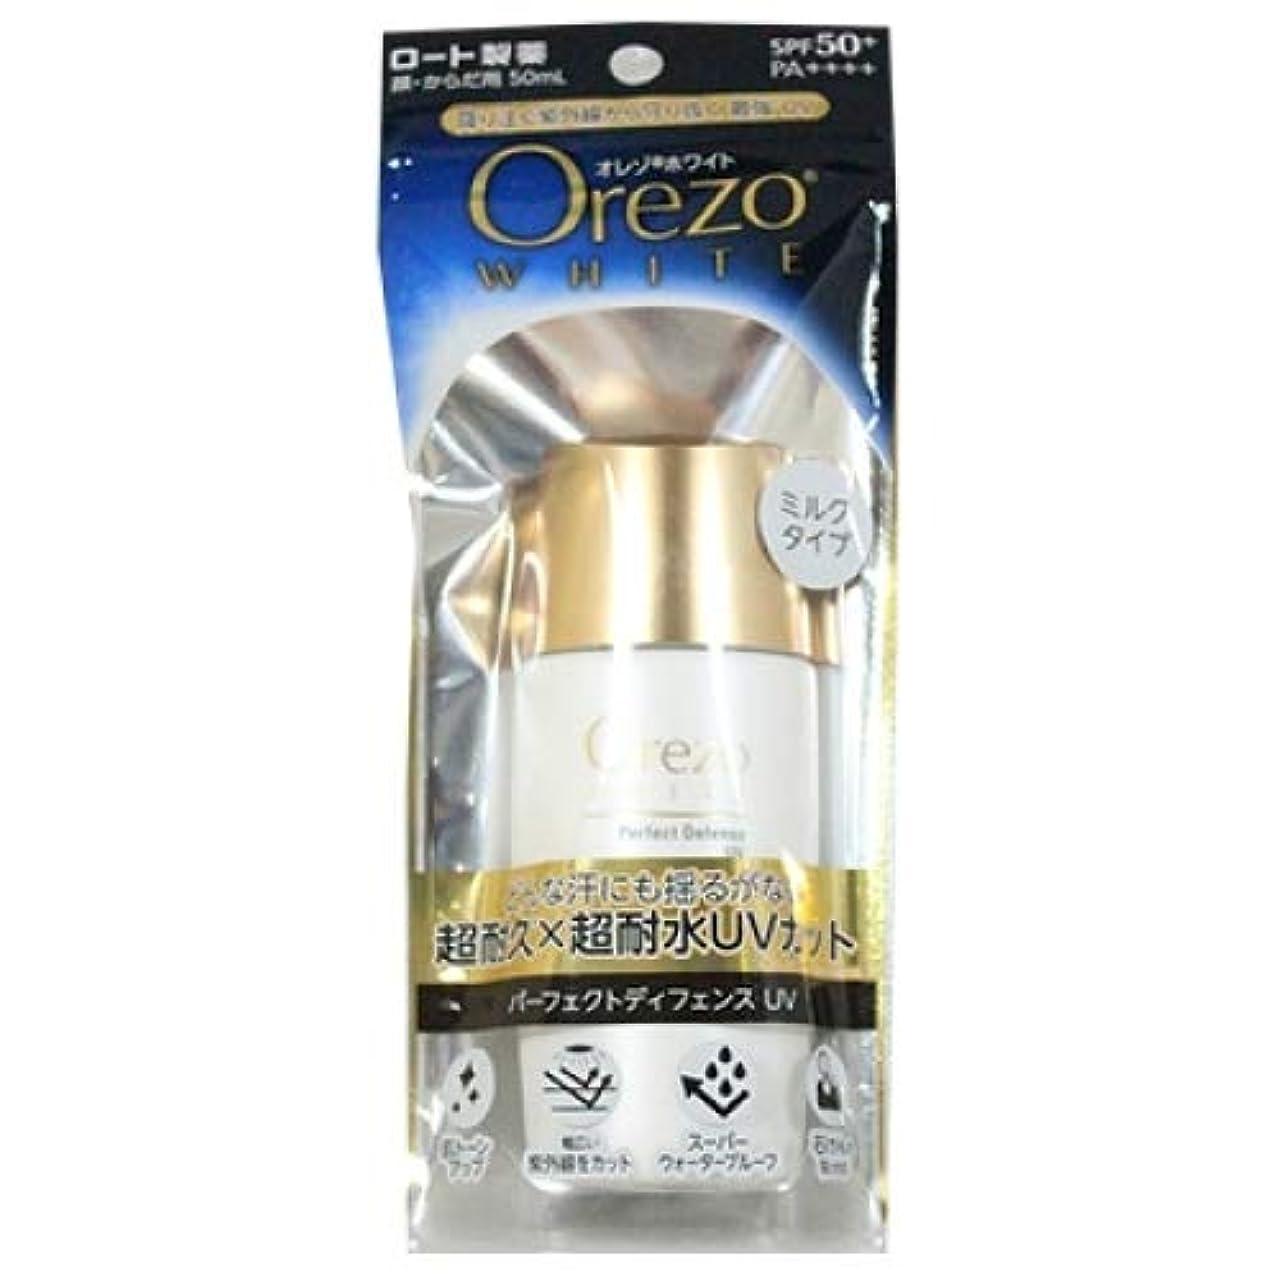 ビールマイナーしみロート製薬 Orezo オレゾ ホワイト パーフェクトディフェンスUVa SPF50+ PA++++ (50mL)